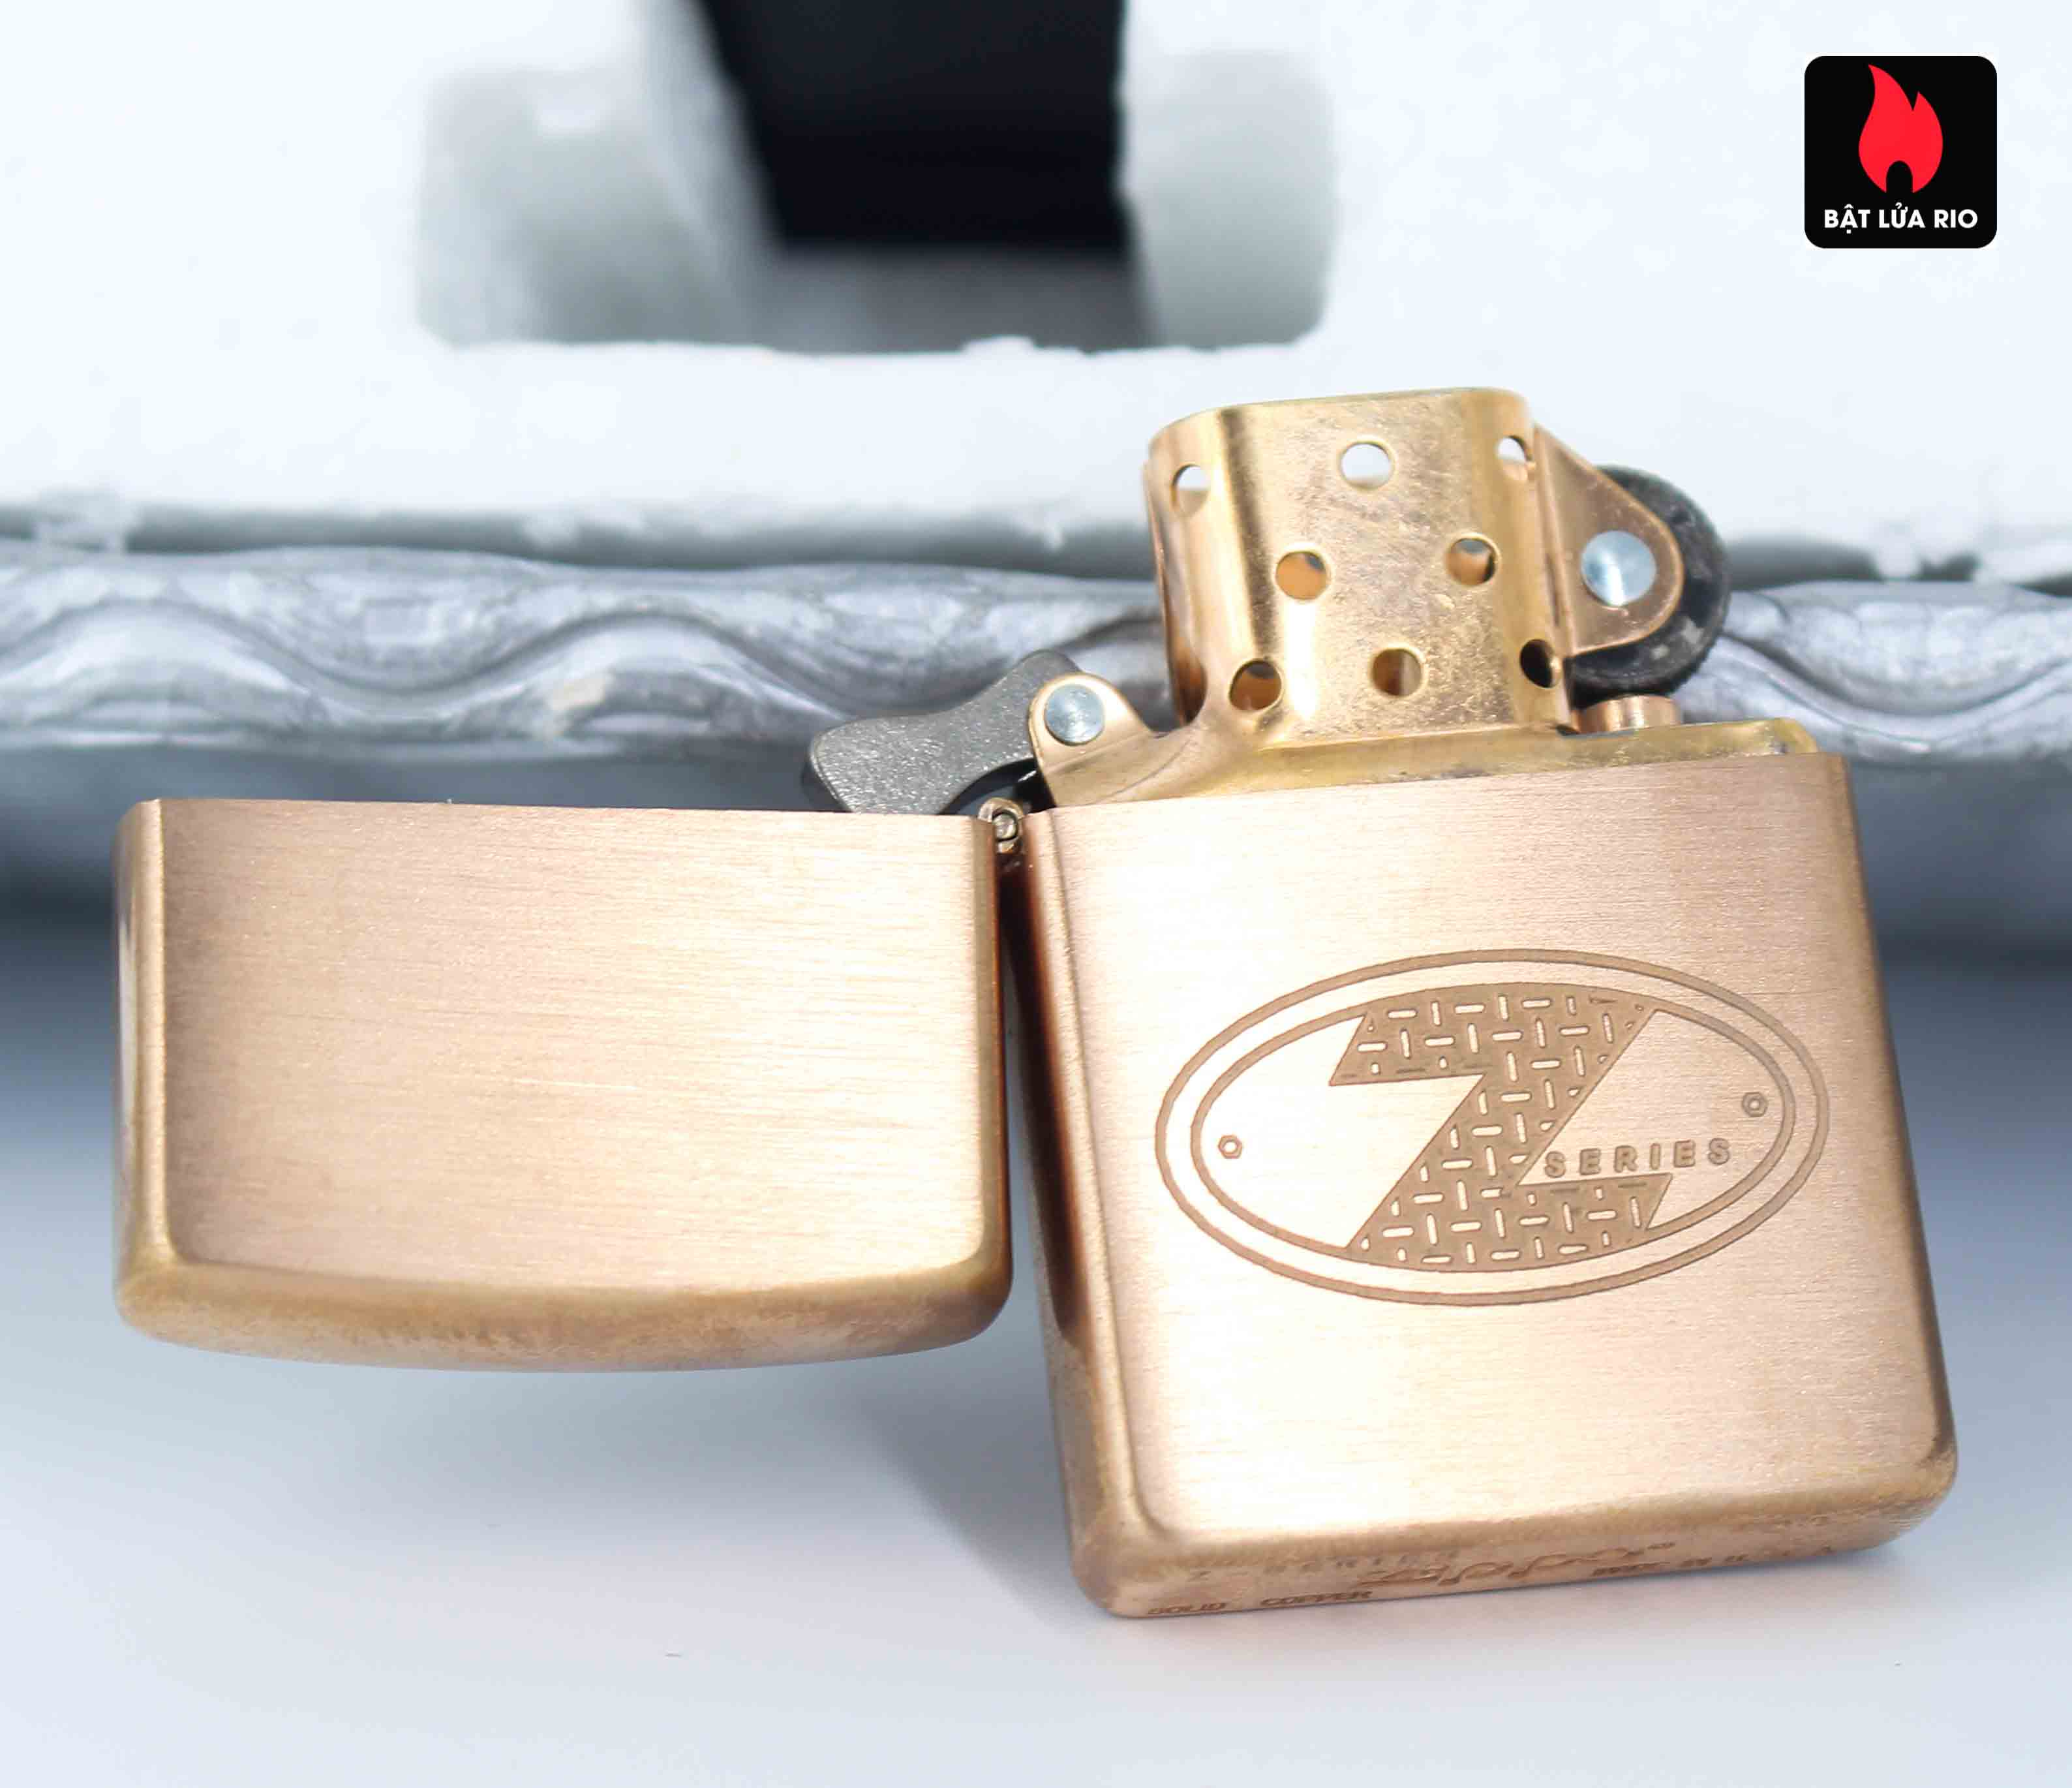 Zippo 2002 – Zippo Z-Series Copper Project – EU - Limited 1505/3646 E 8